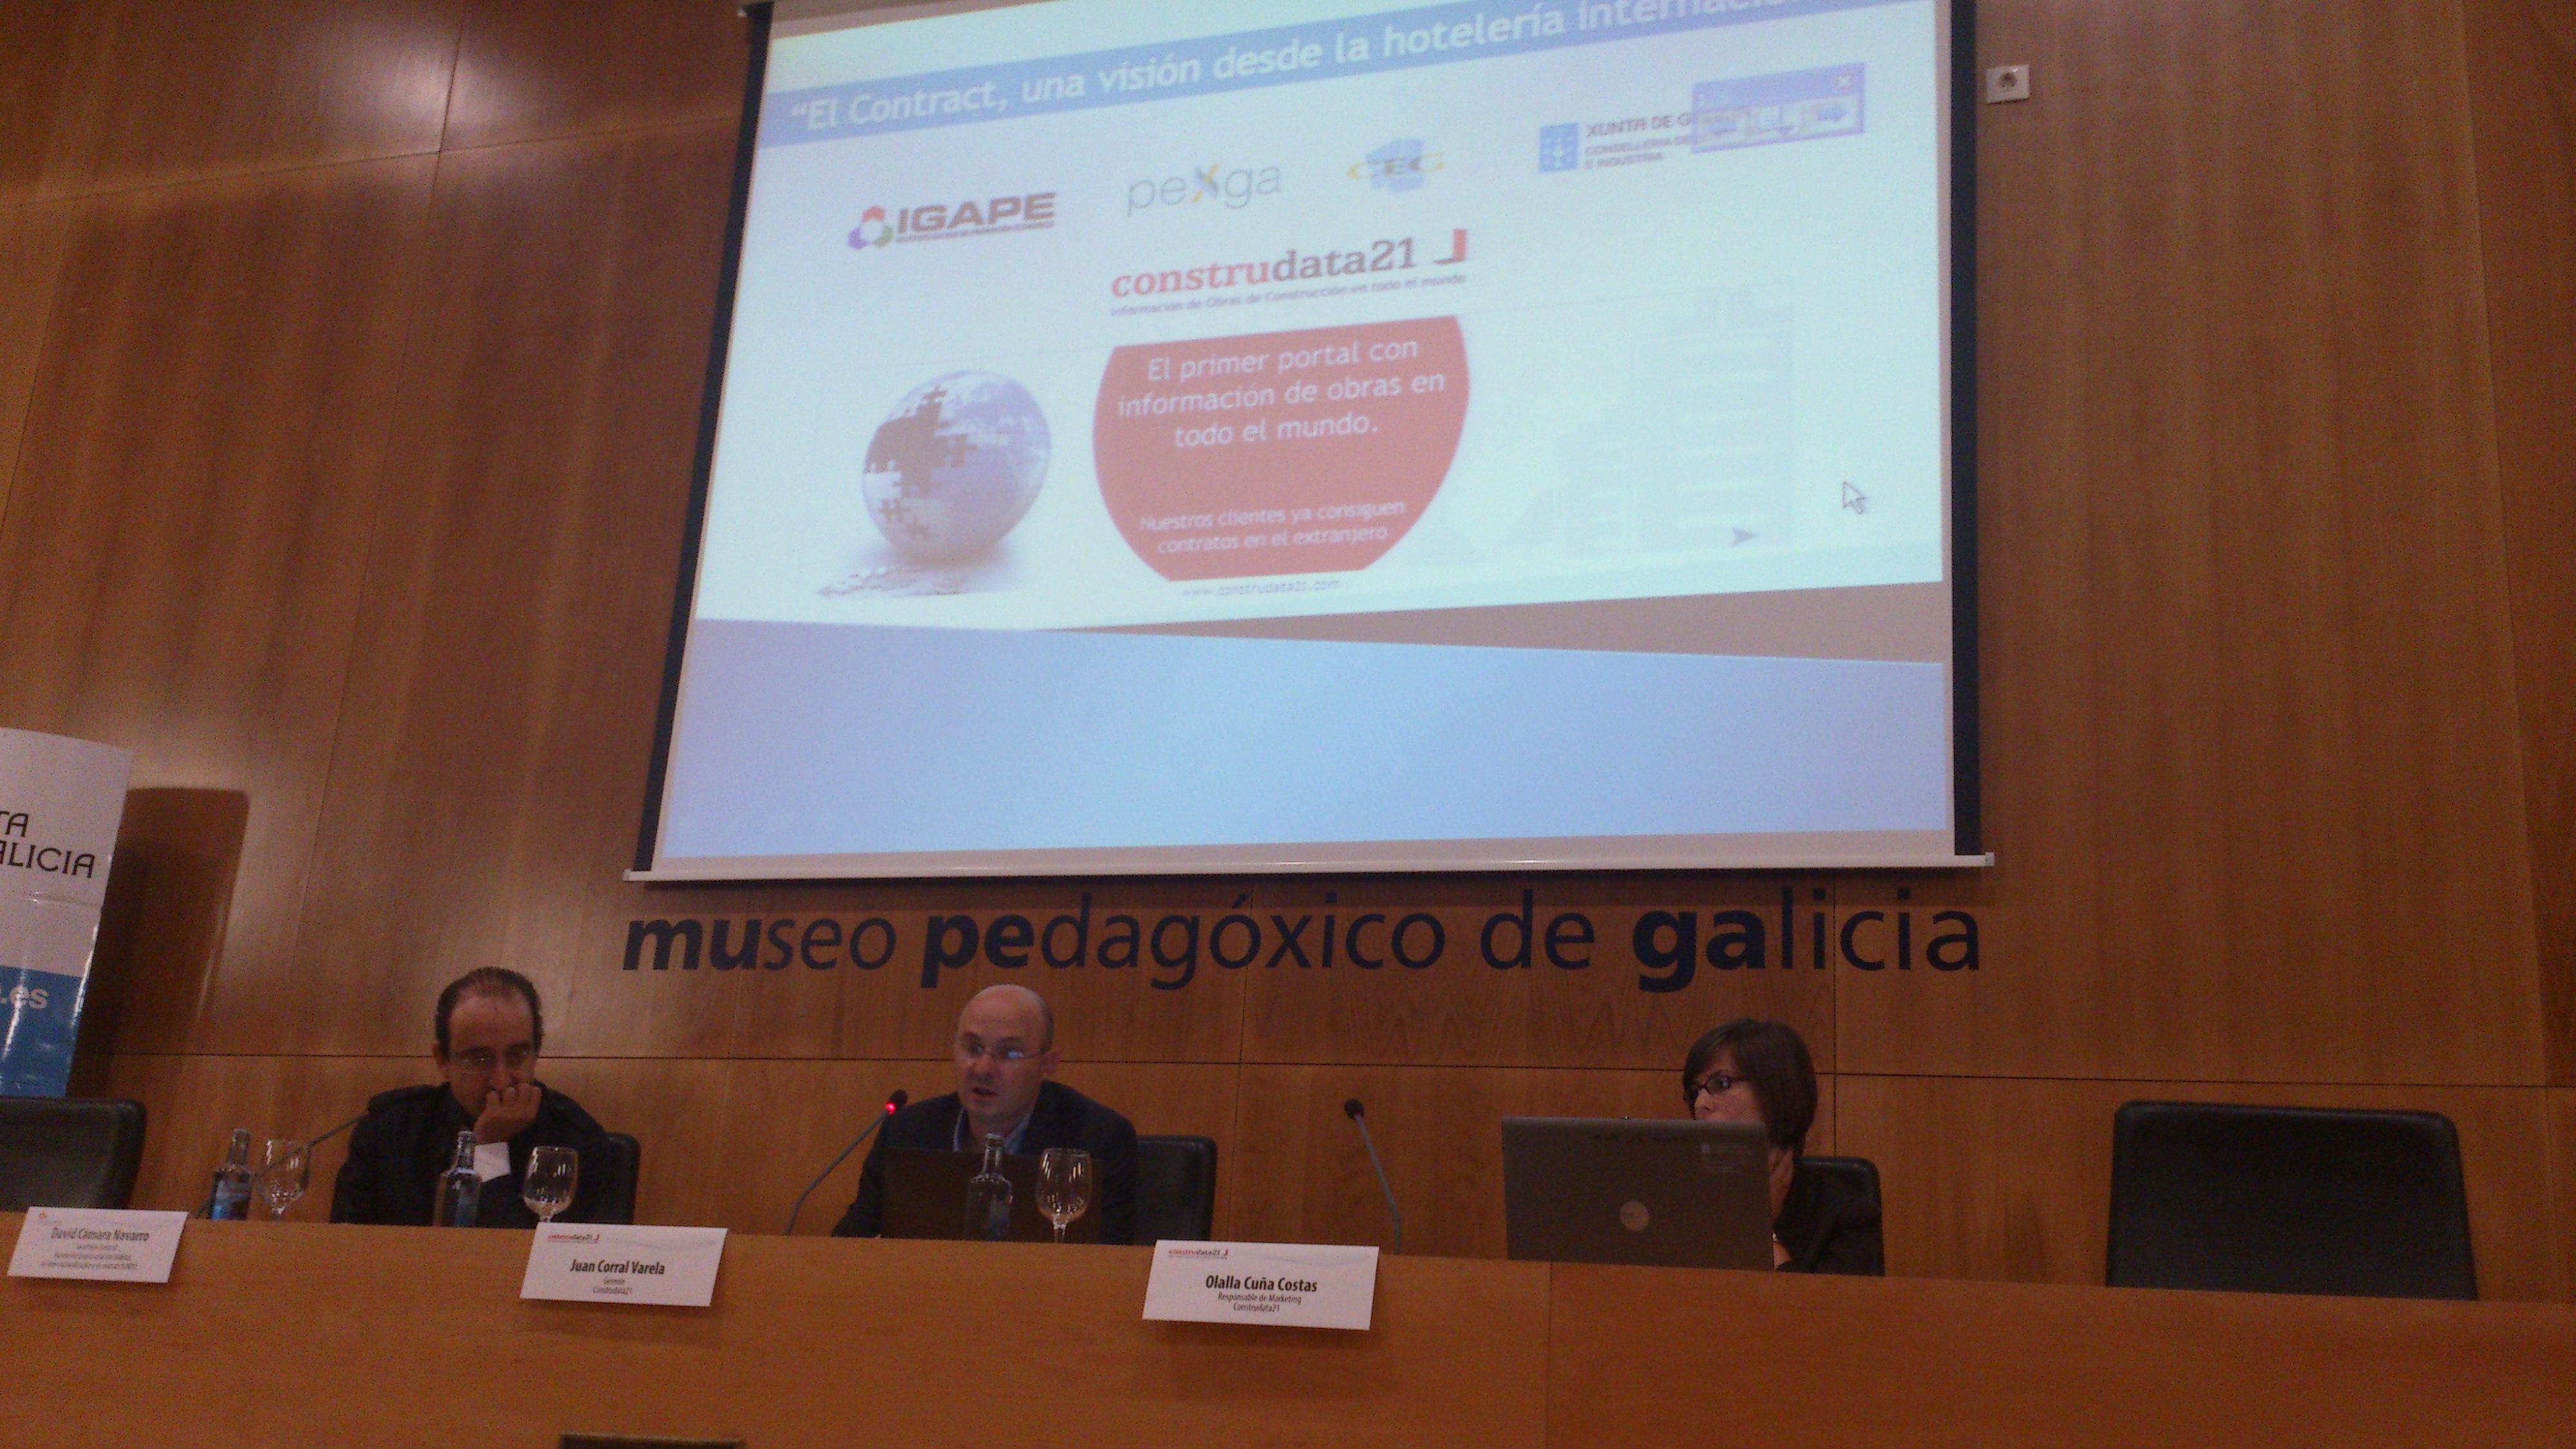 """Construdata21 en la Jornada """"El Contract: una visión desde la hotelería internacional"""""""